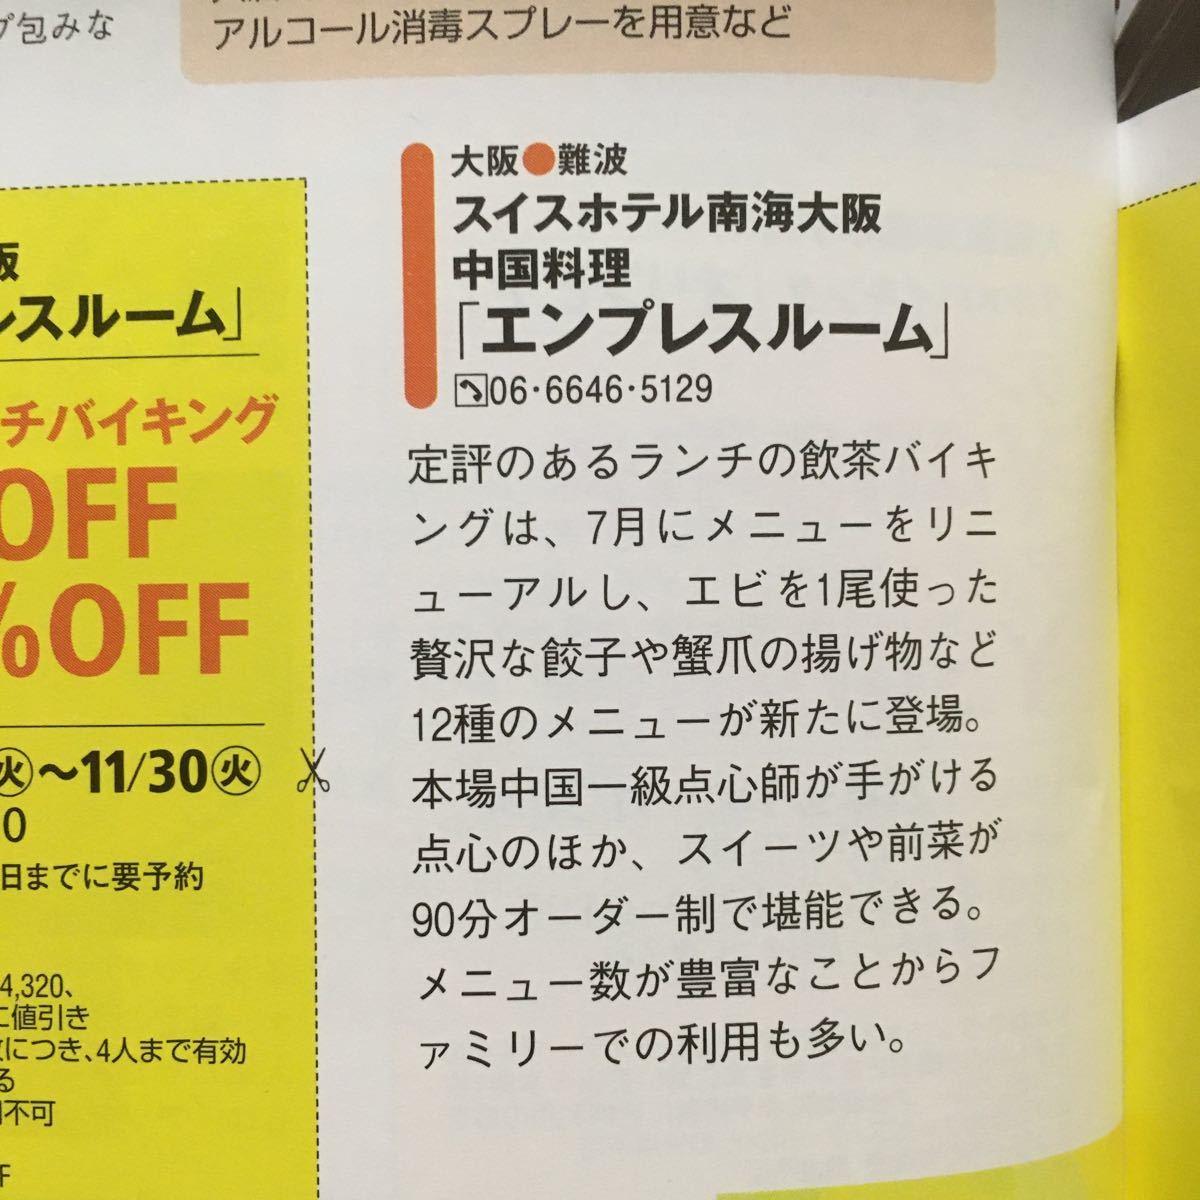 スイスホテル南海大阪 中国料理 「エンプレスルーム」 クーポン券 割引券 11/30まで_画像2